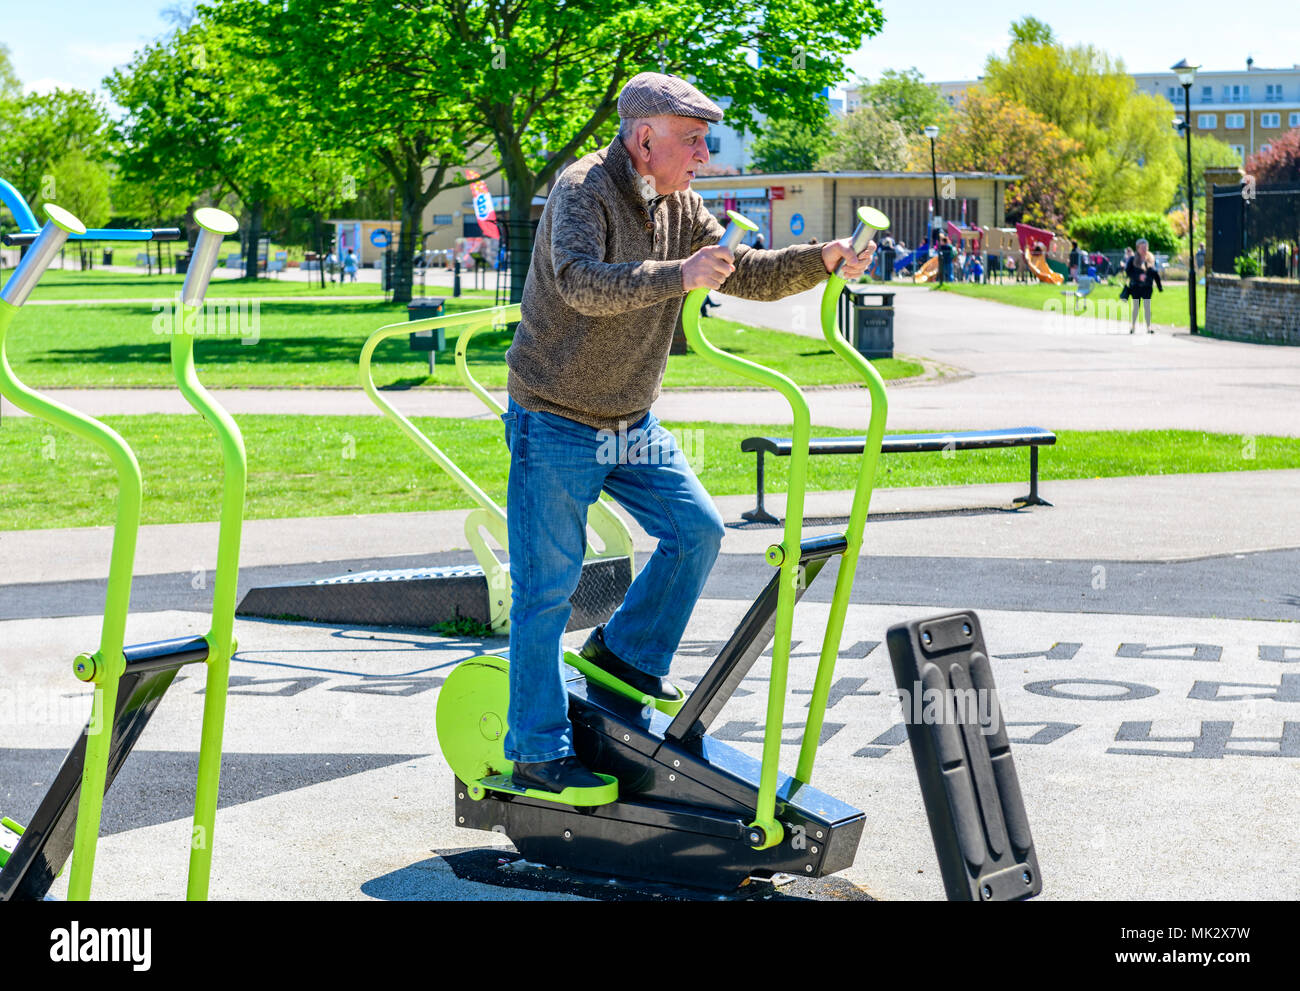 Homme Elserly exerçant sur un parc machine marche Photo Stock